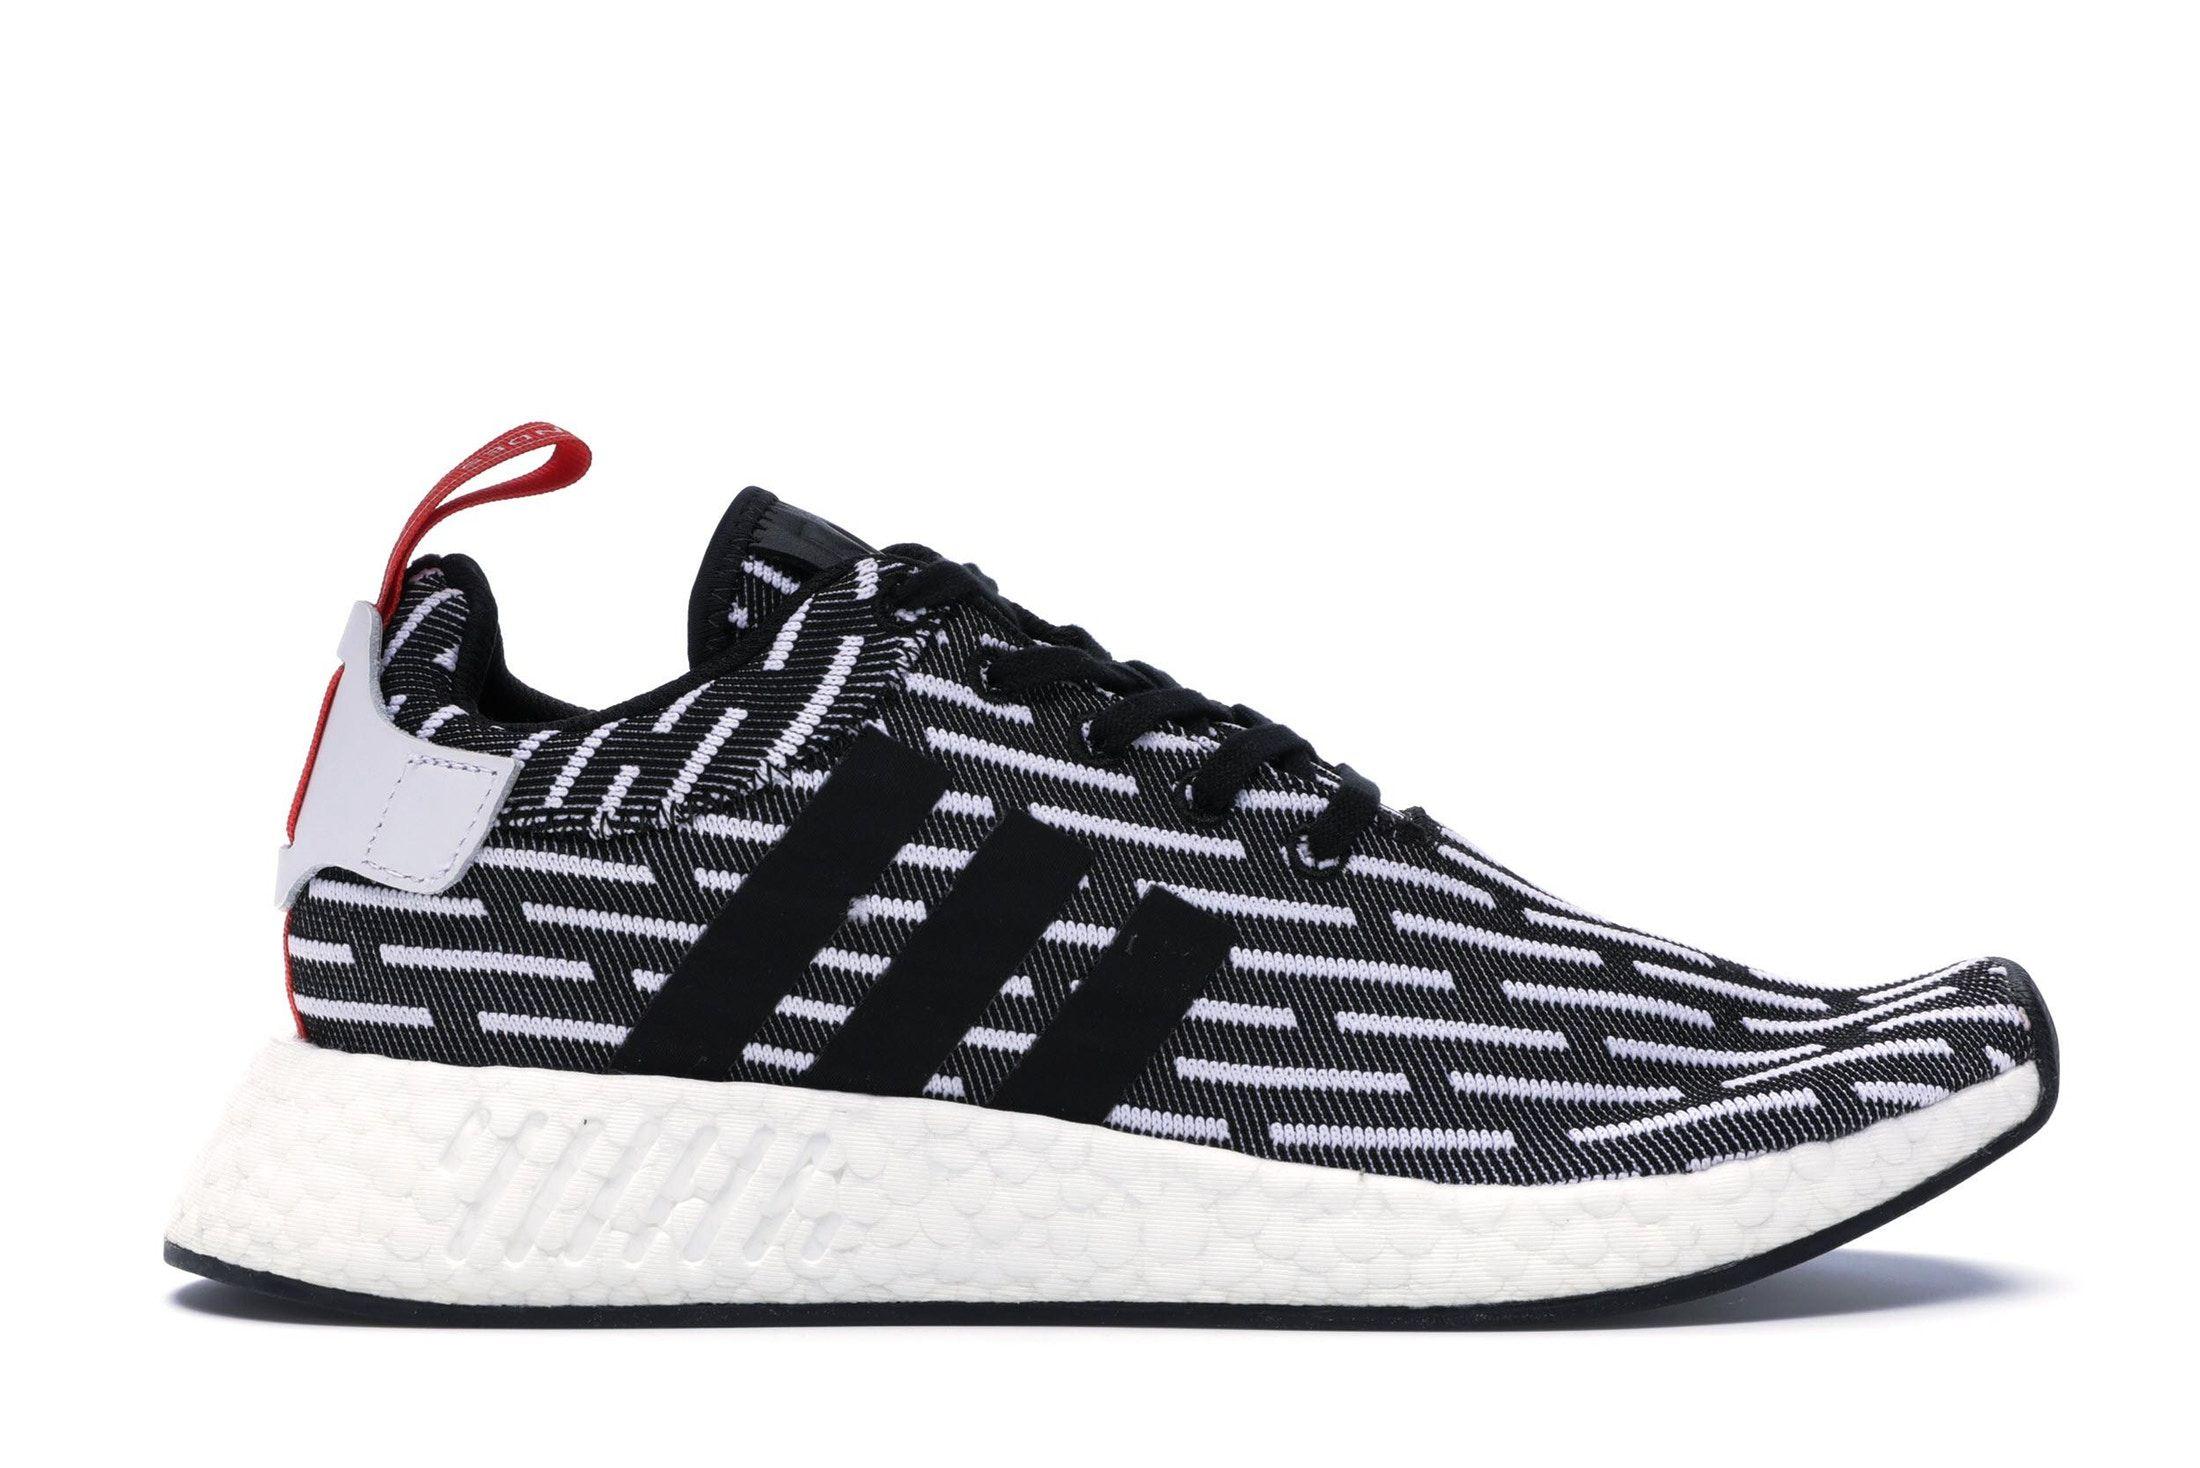 super cute da11a 8cb3a adidas NMD R2 Black White in 2019 | Walk | Adidas nmd r2 ...